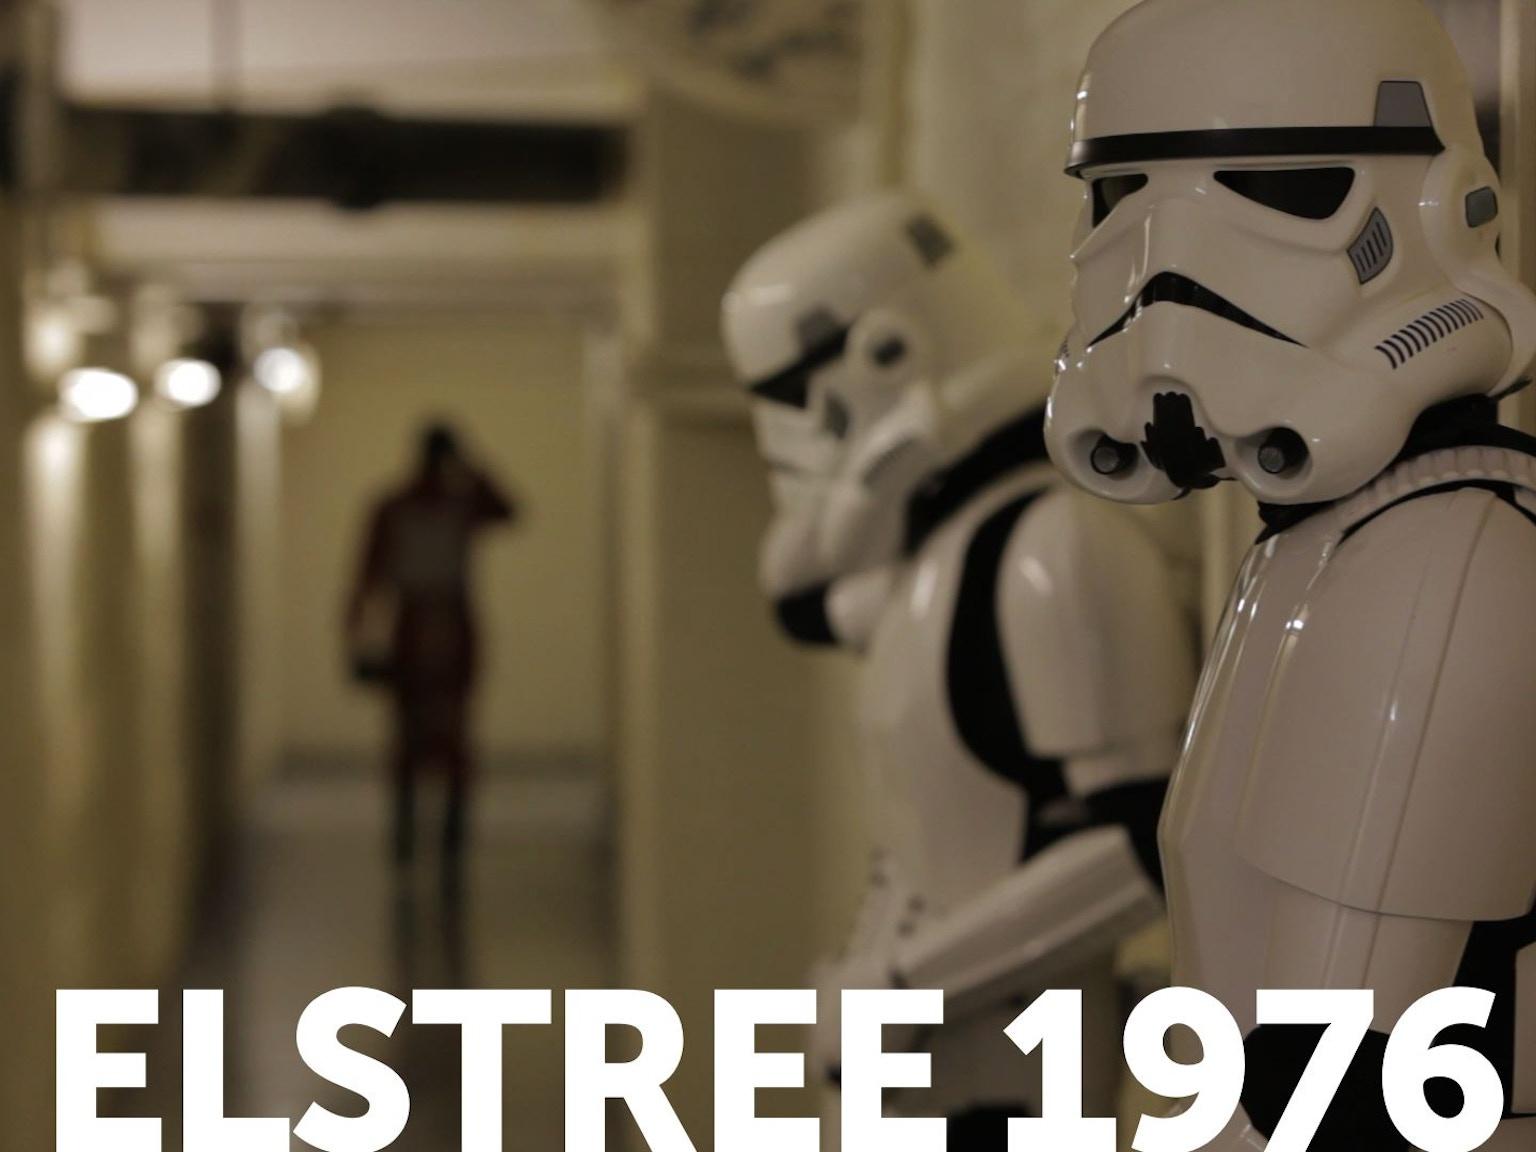 Фэндом: Elstree 1976: FilmRise обеспечит прокат в Северной Америке документального фильма о съемках Star Wars